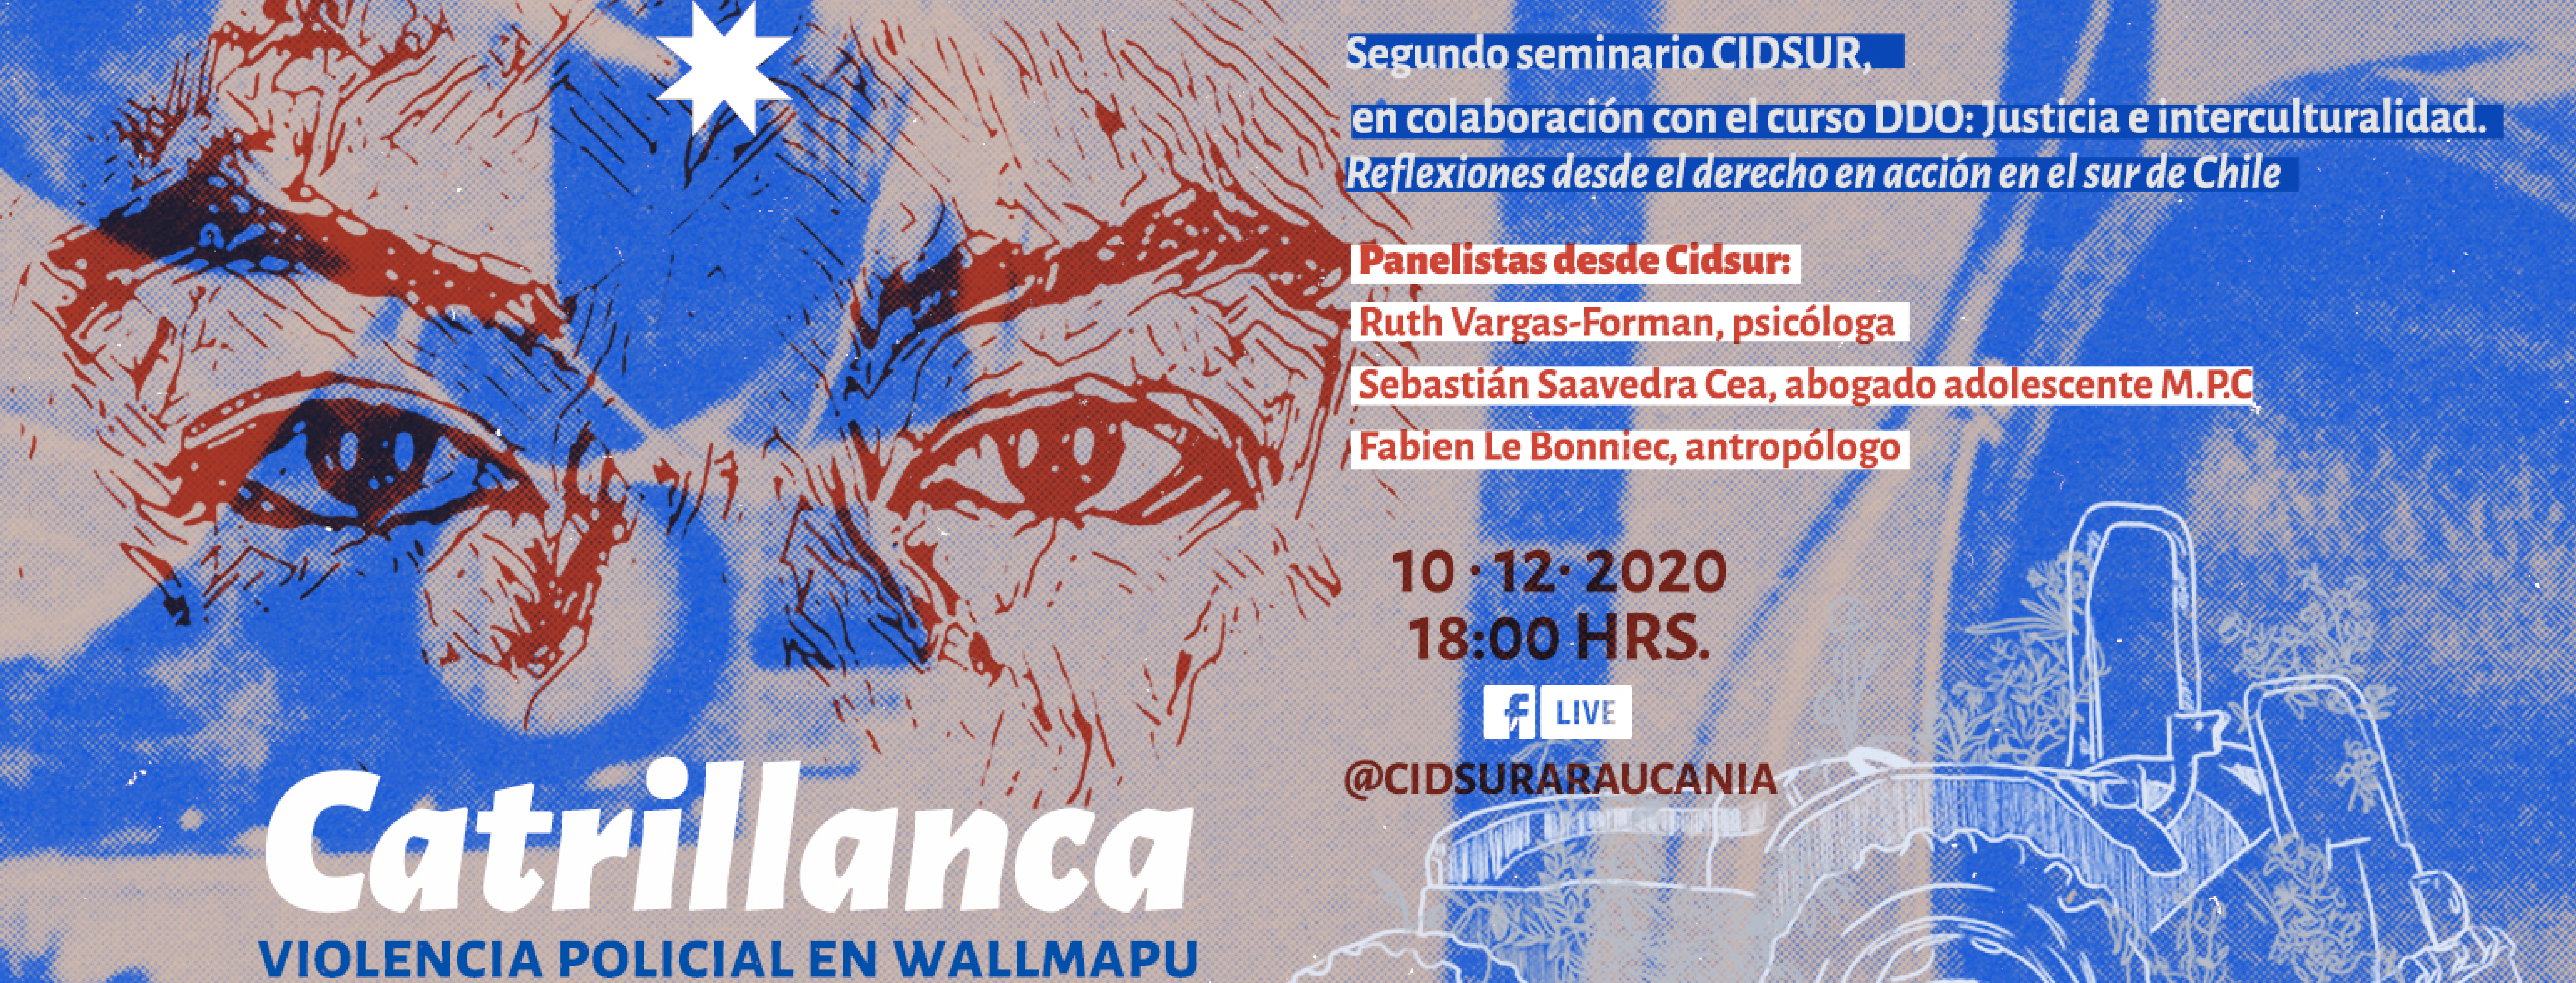 """afiche que invita al seminario """"Catrillanca, violencia policial en Wallmapu"""" el día jueves 10 de diciembre a las 18:00 horas a través del Facebook live de CIDSur Araucanía"""